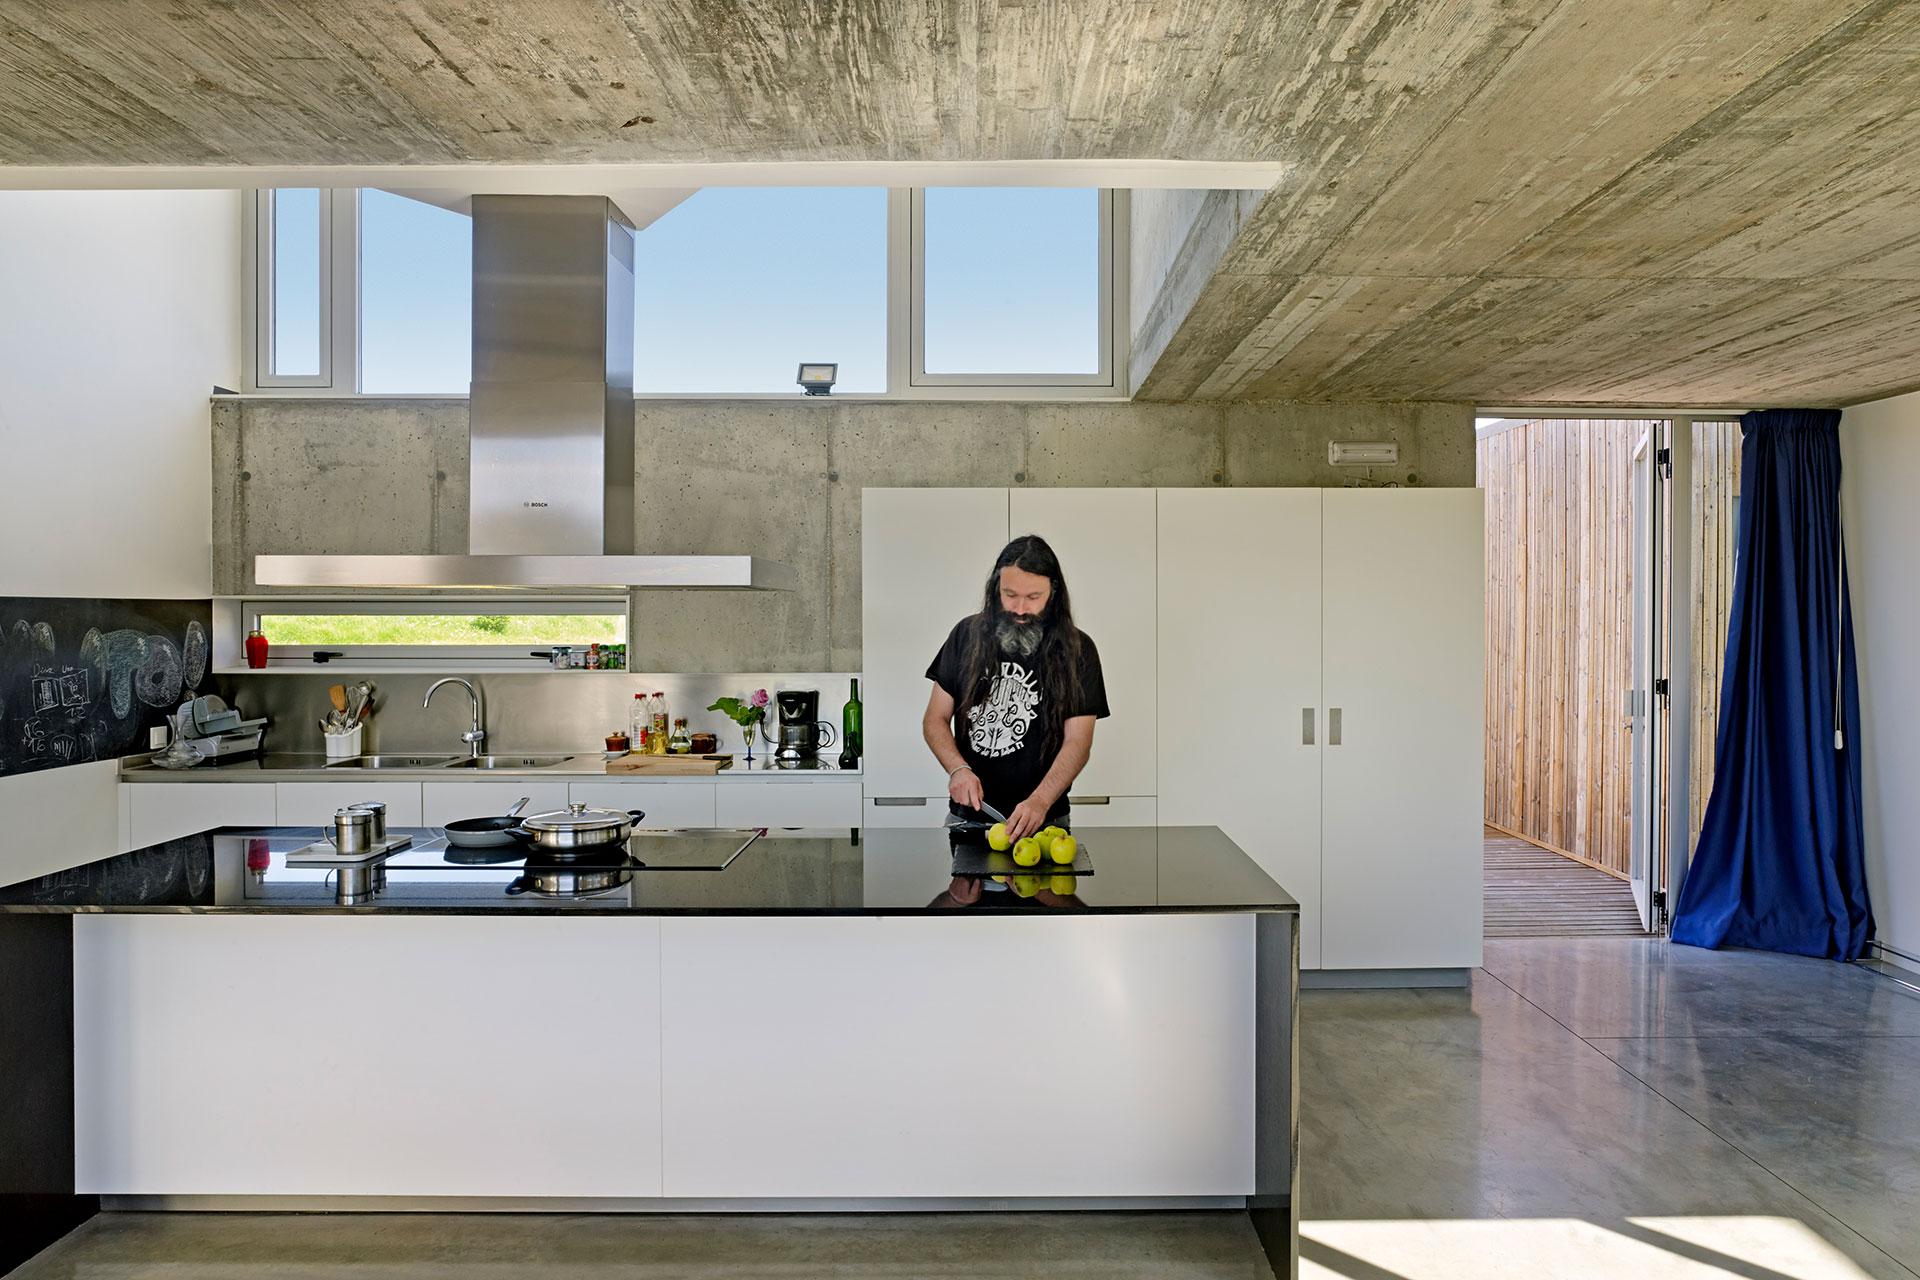 14 cocinas con isla para inspirarte: fotos, consejos y medidas